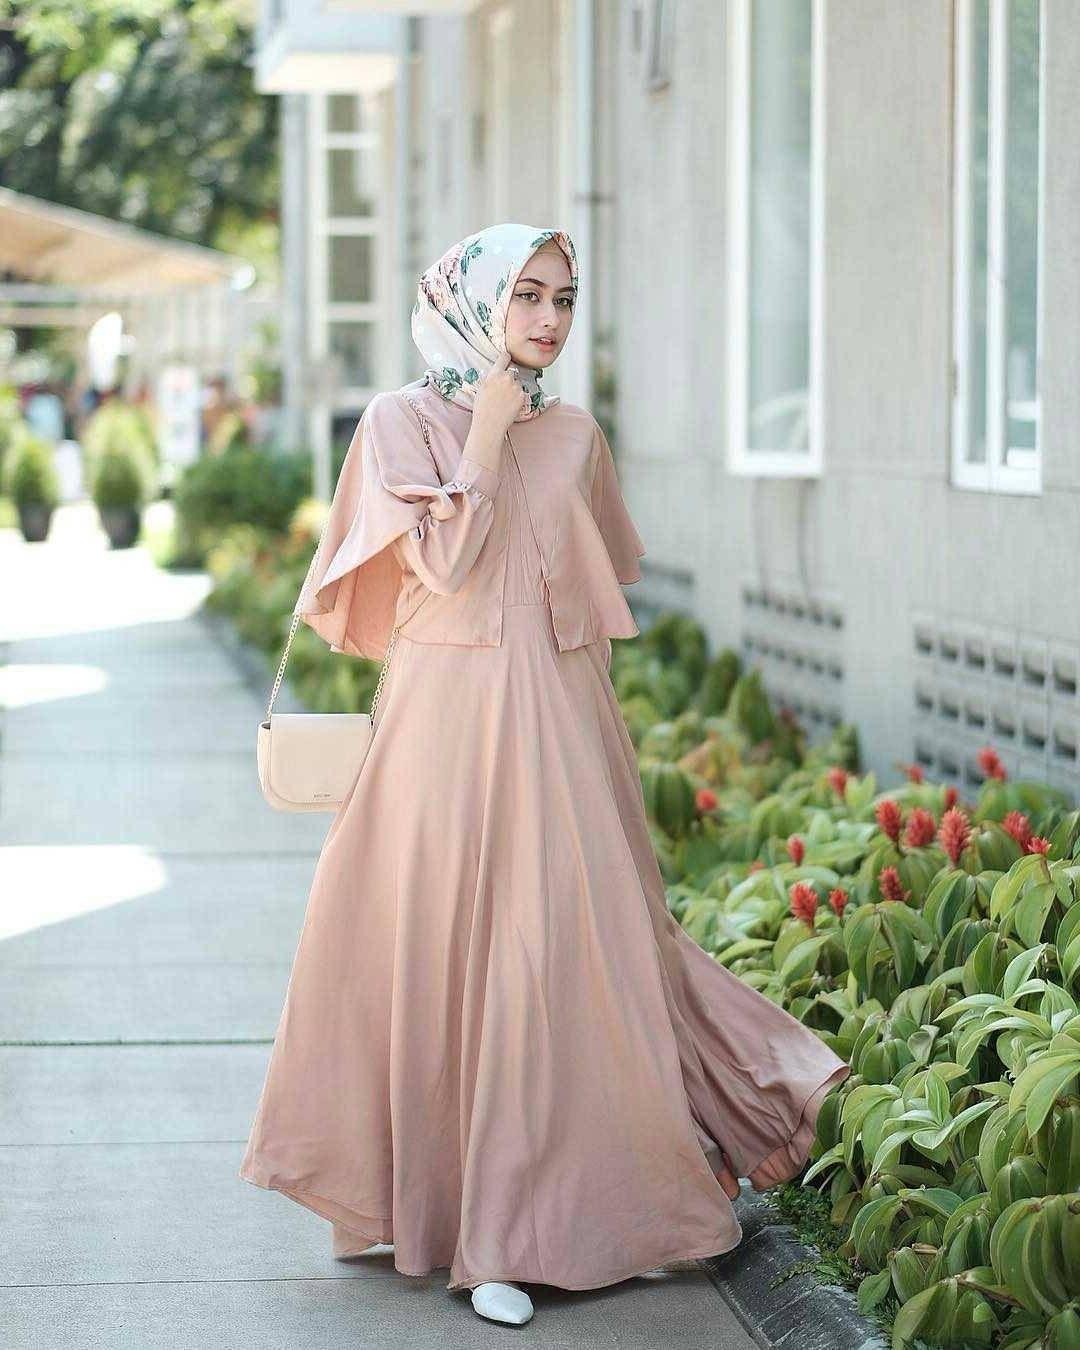 Ide Baju Lebaran Muslimah Wddj 21 Model Gamis Lebaran 2018 Desain Elegan Casual Dan Modern